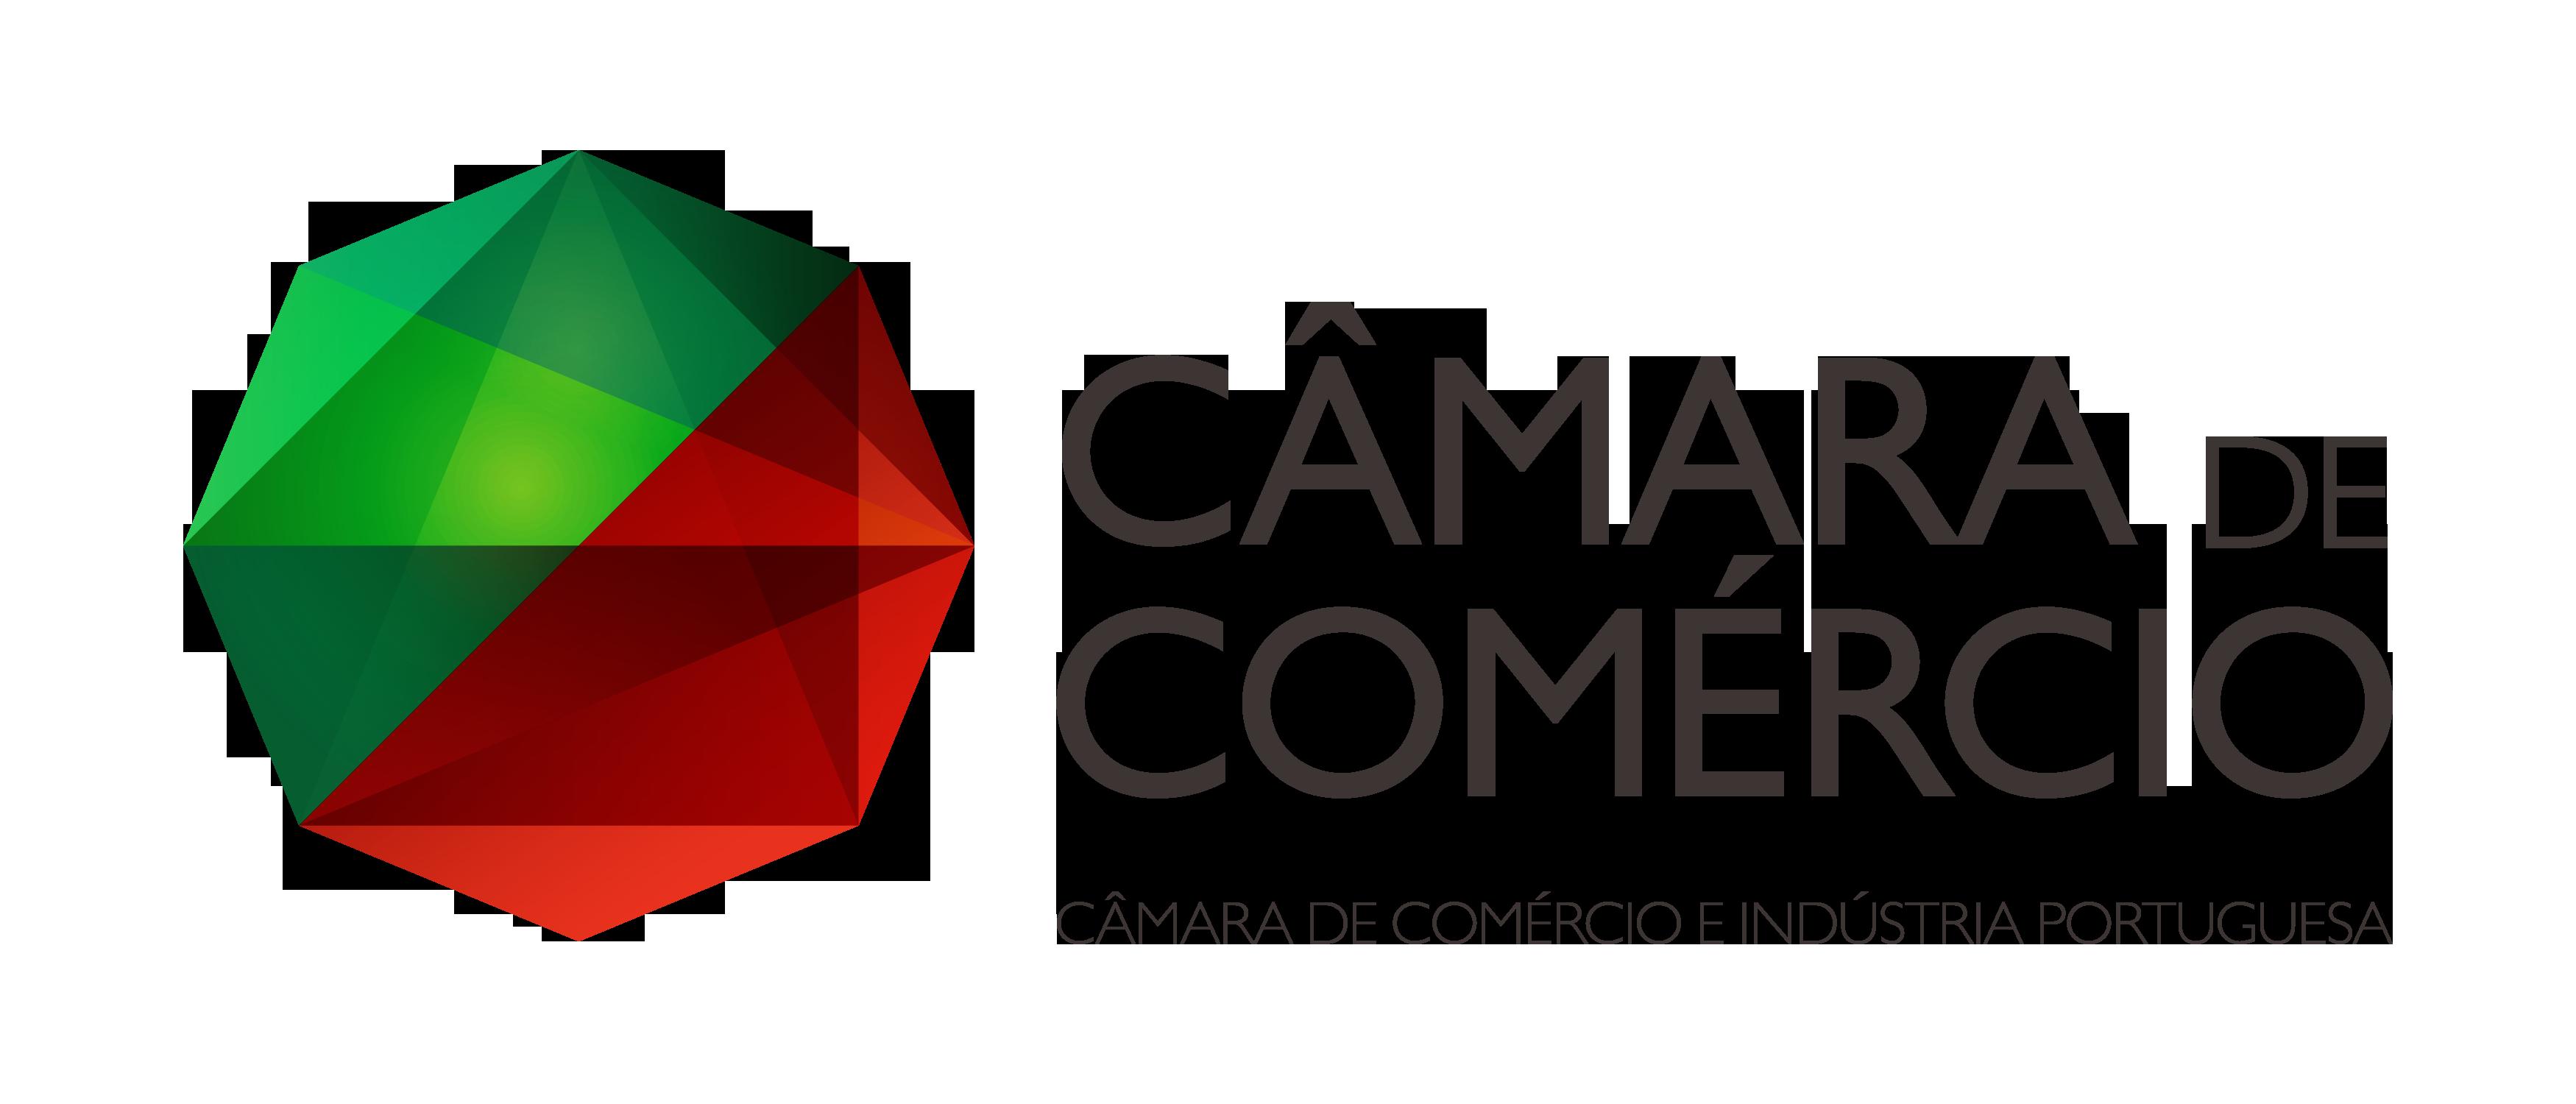 Câmara de Comércio e Indústria Portuguesa